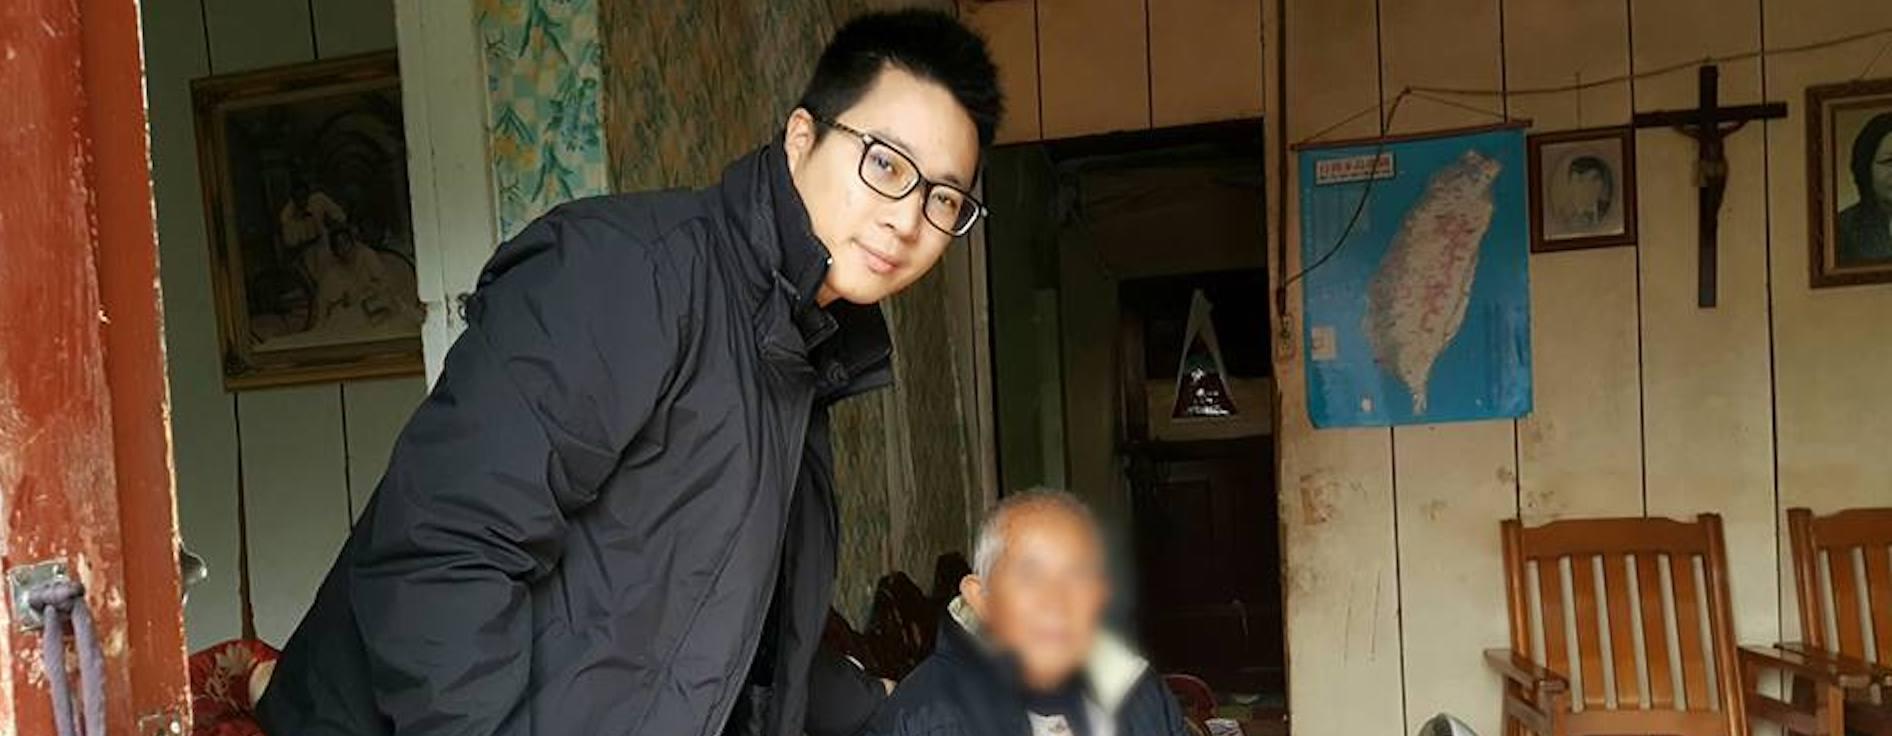 放棄大好前途 30歲暖男醫師在台灣深耕第一線長照